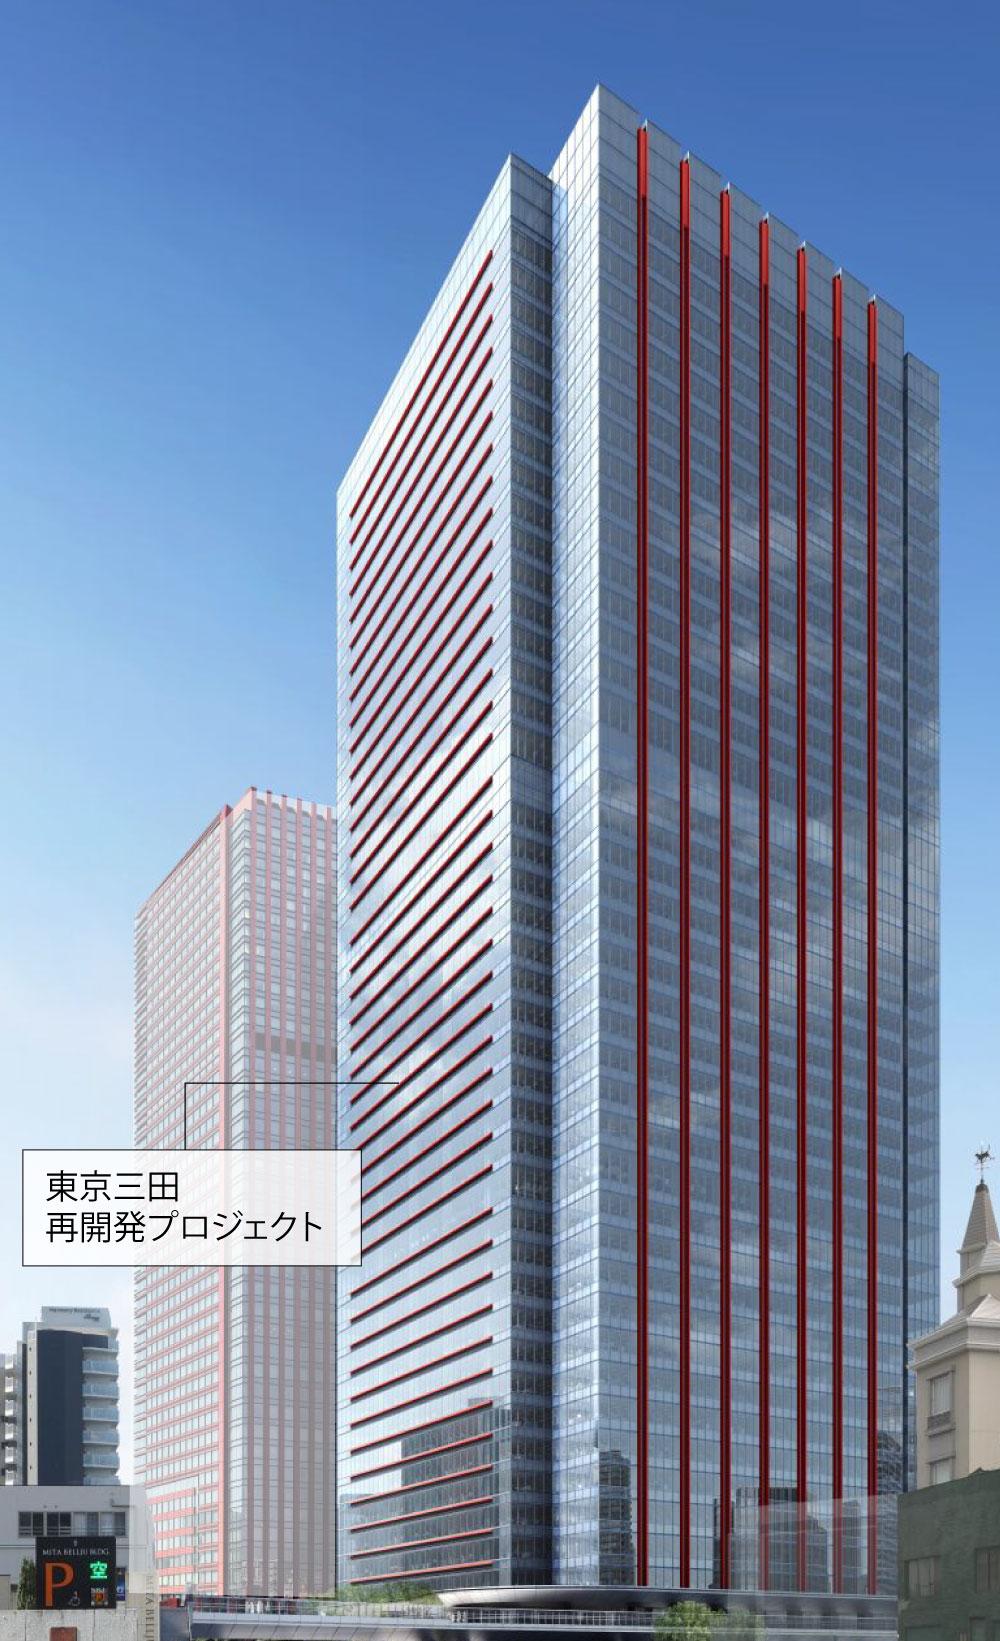 東京三田再開発プロジェクト/minato